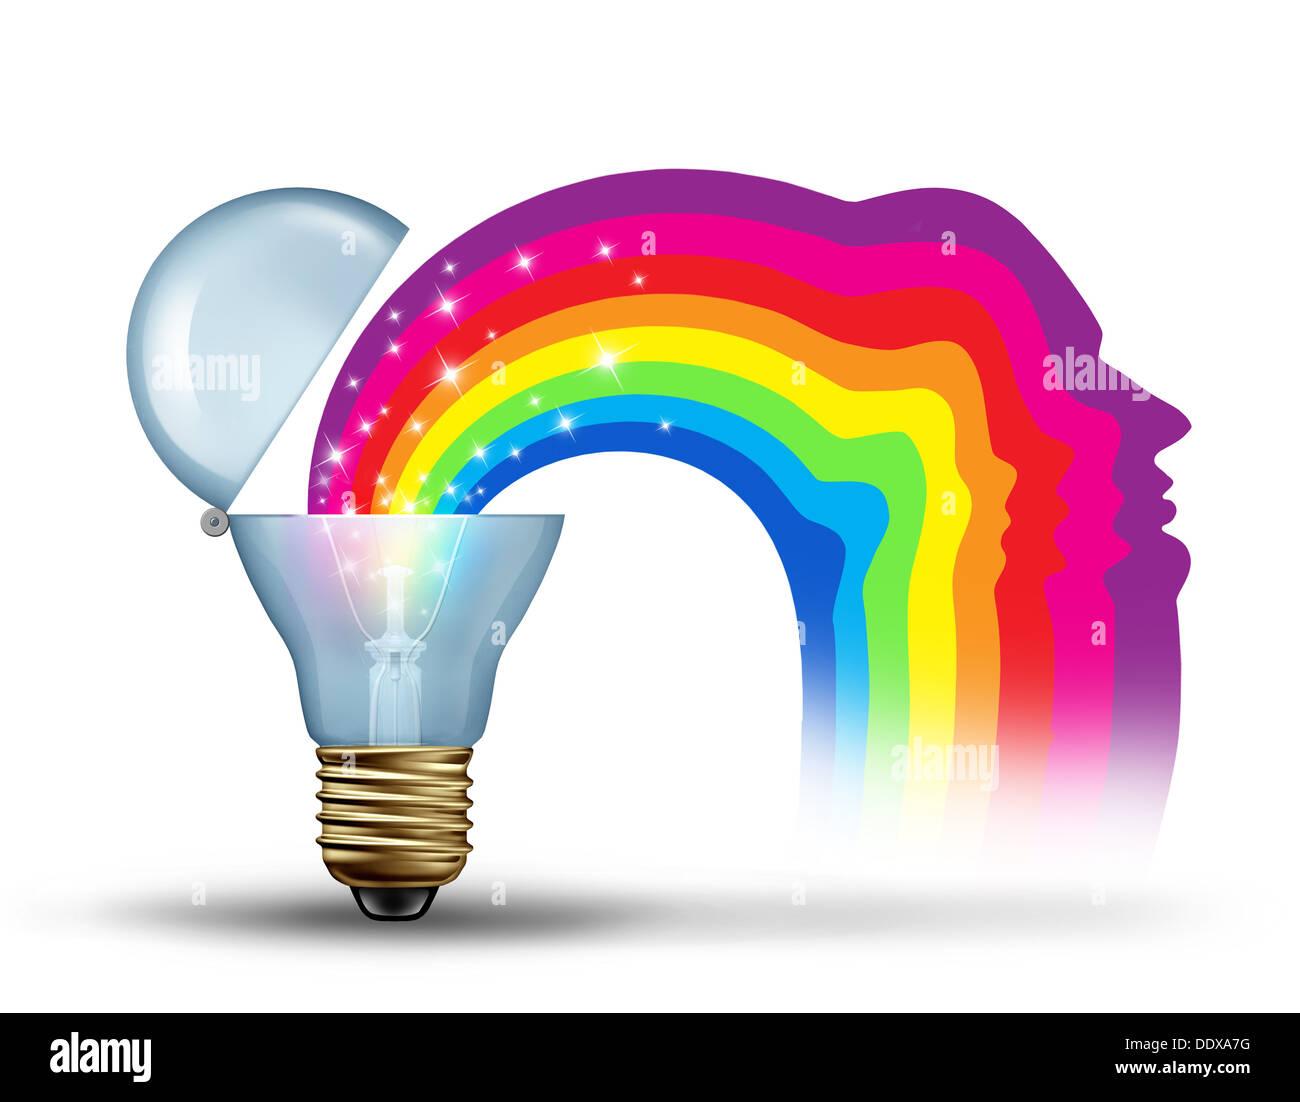 Puissance de l'innovation et la liberté d'un leadership visionnaire comme un concept pour libérer la créativité Banque D'Images